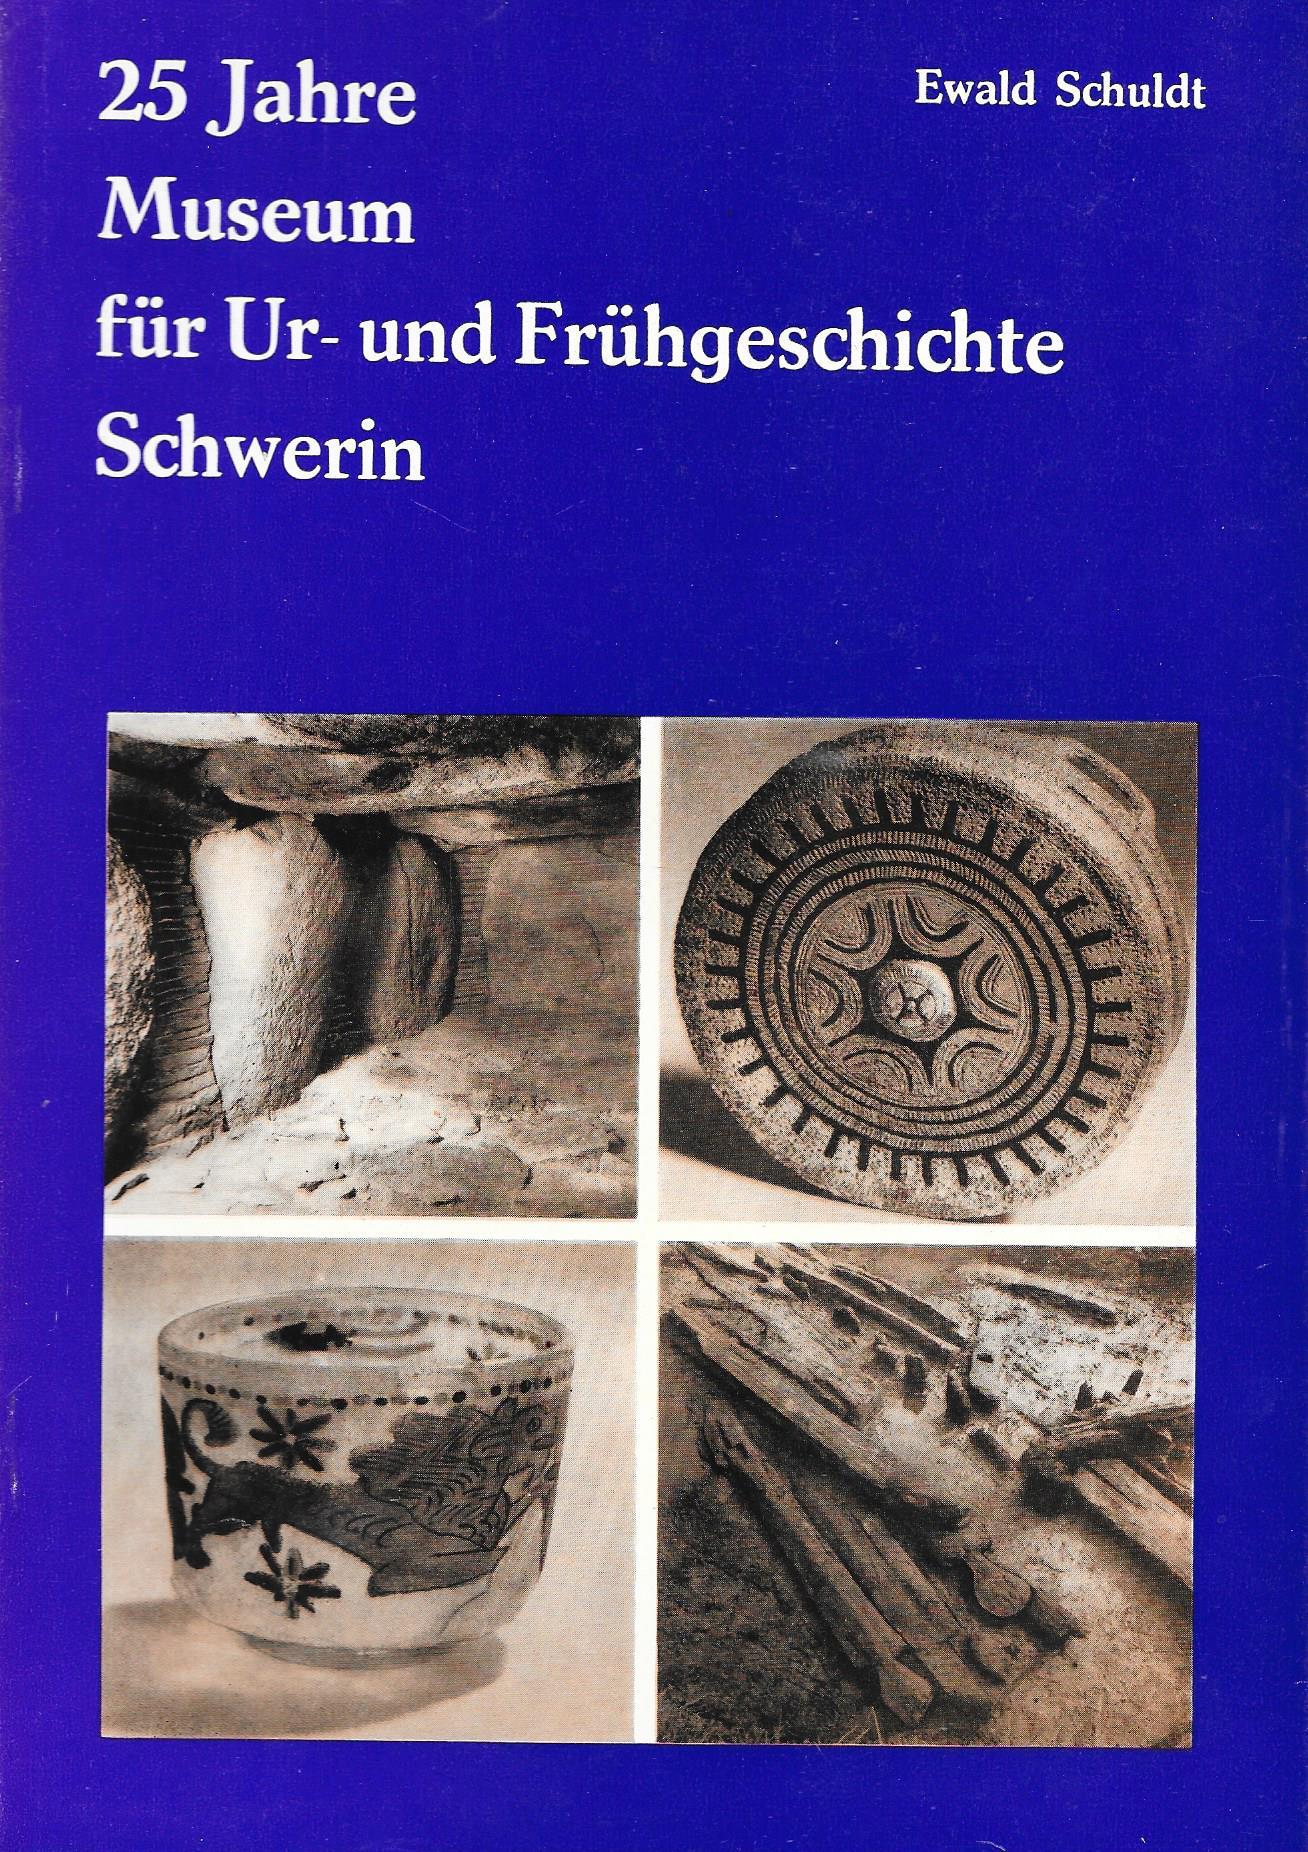 25 Jahre Museum für Ur-und Frühgeschichte Schwerin: Ewald Schuldt